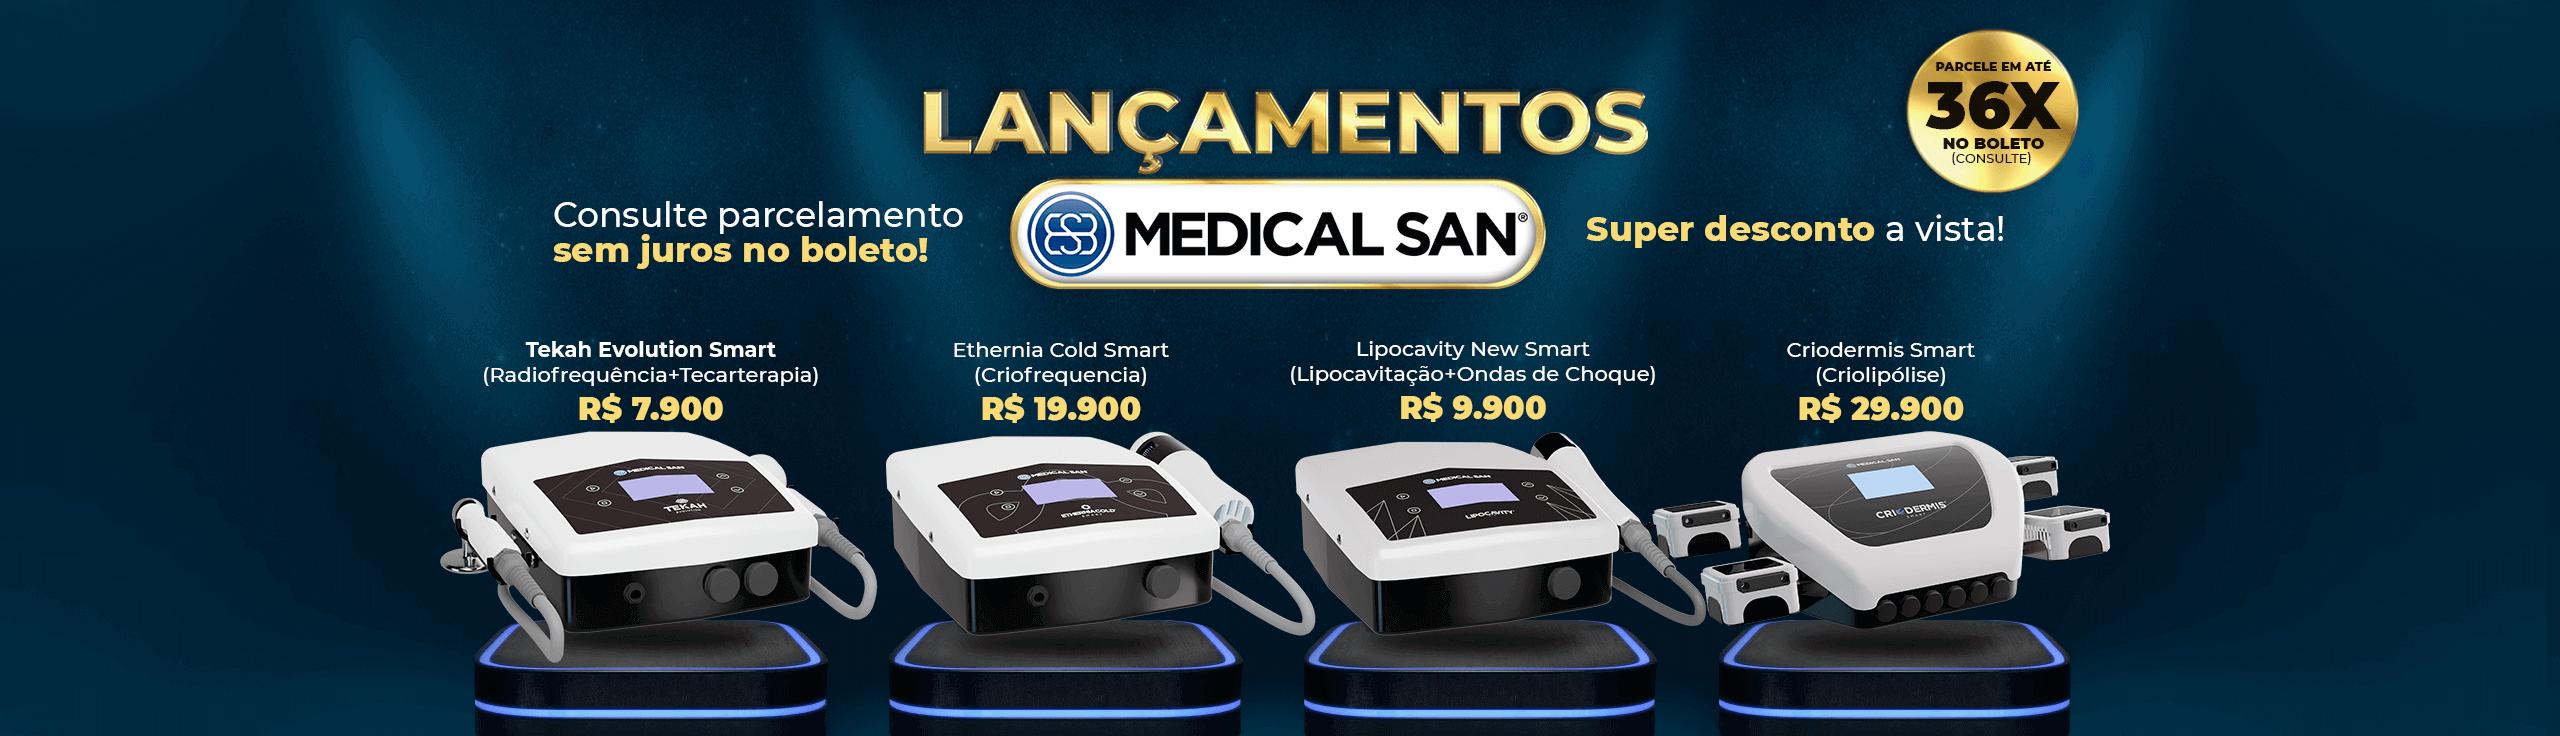 Lançamento Smart - Medical Sam